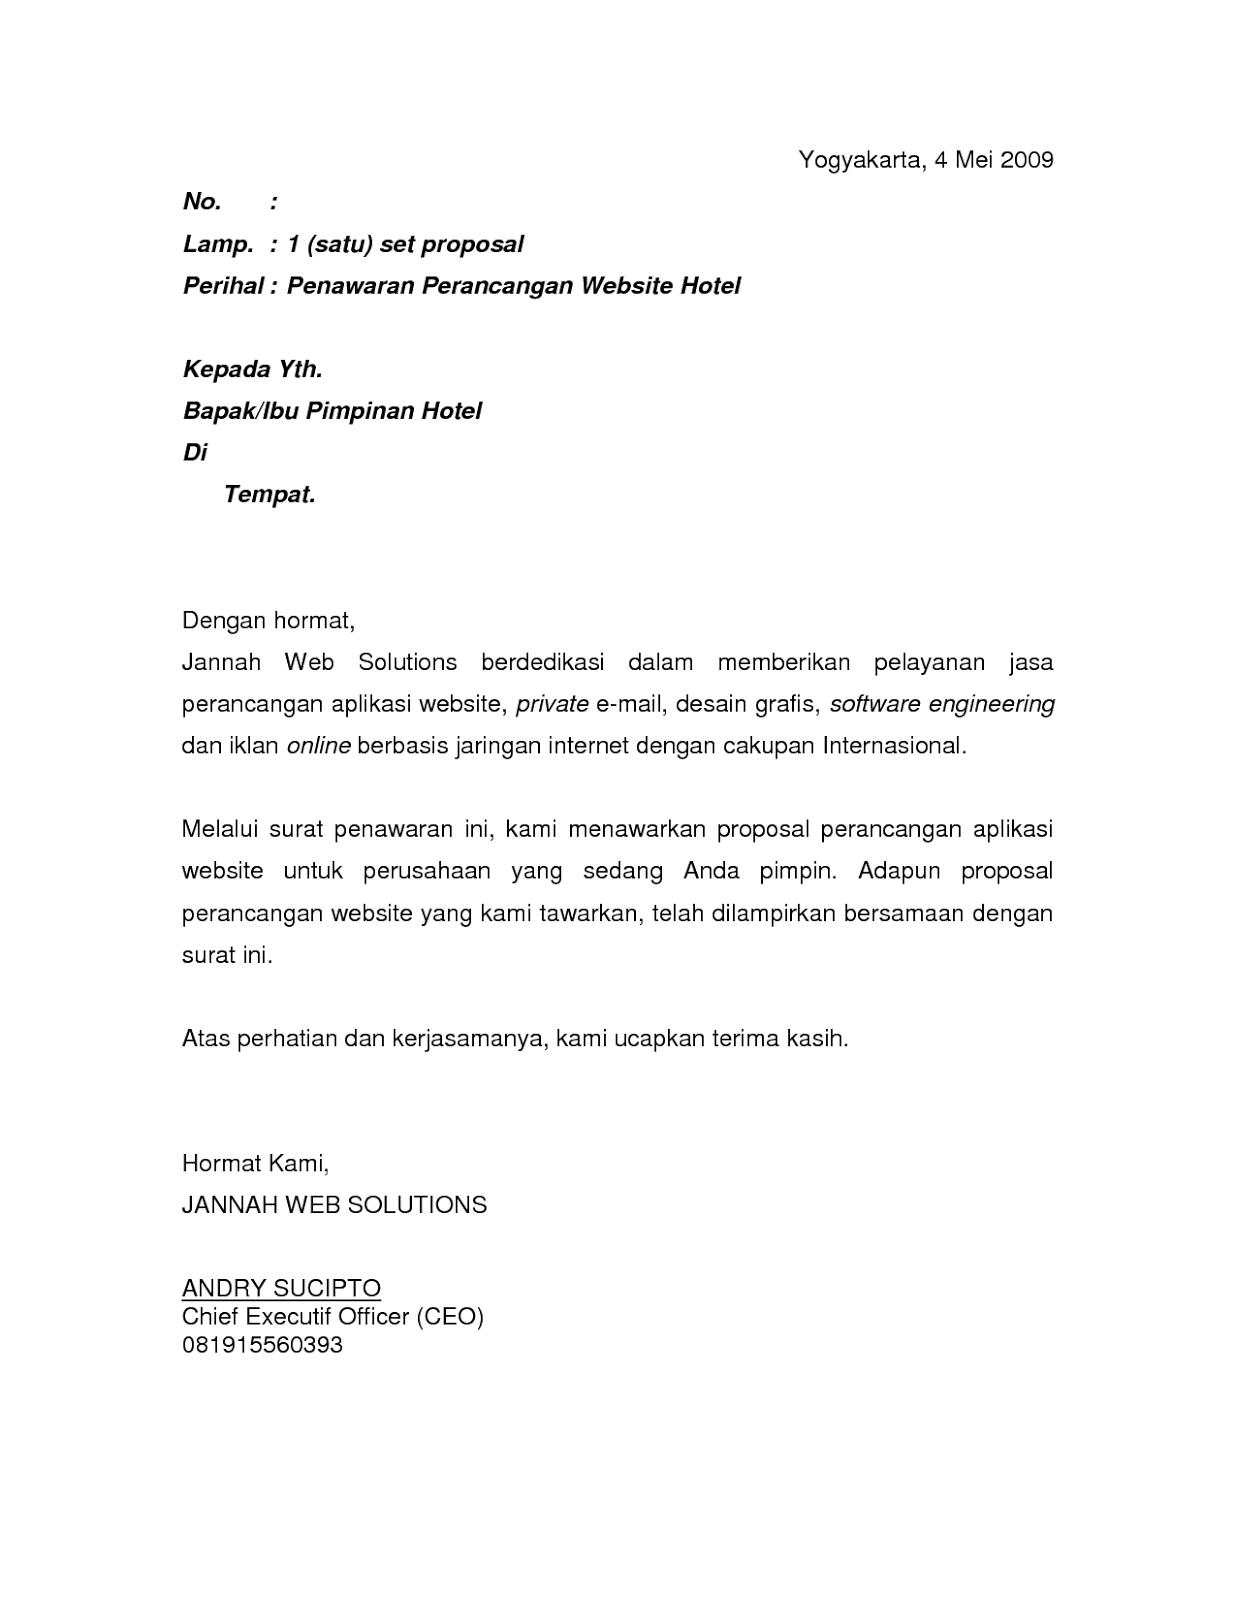 essay bahasa indonesia Di dalam kamus besar bahasa indonesia (depdikbud, 1997 : 531 ) bukunya berjudul essay bentuk, panjang, kejelasan, dan ritme kalimat dari esai ini menjadi standar bagi esais-esais sesudahnya ada beberapa esai yang formal.